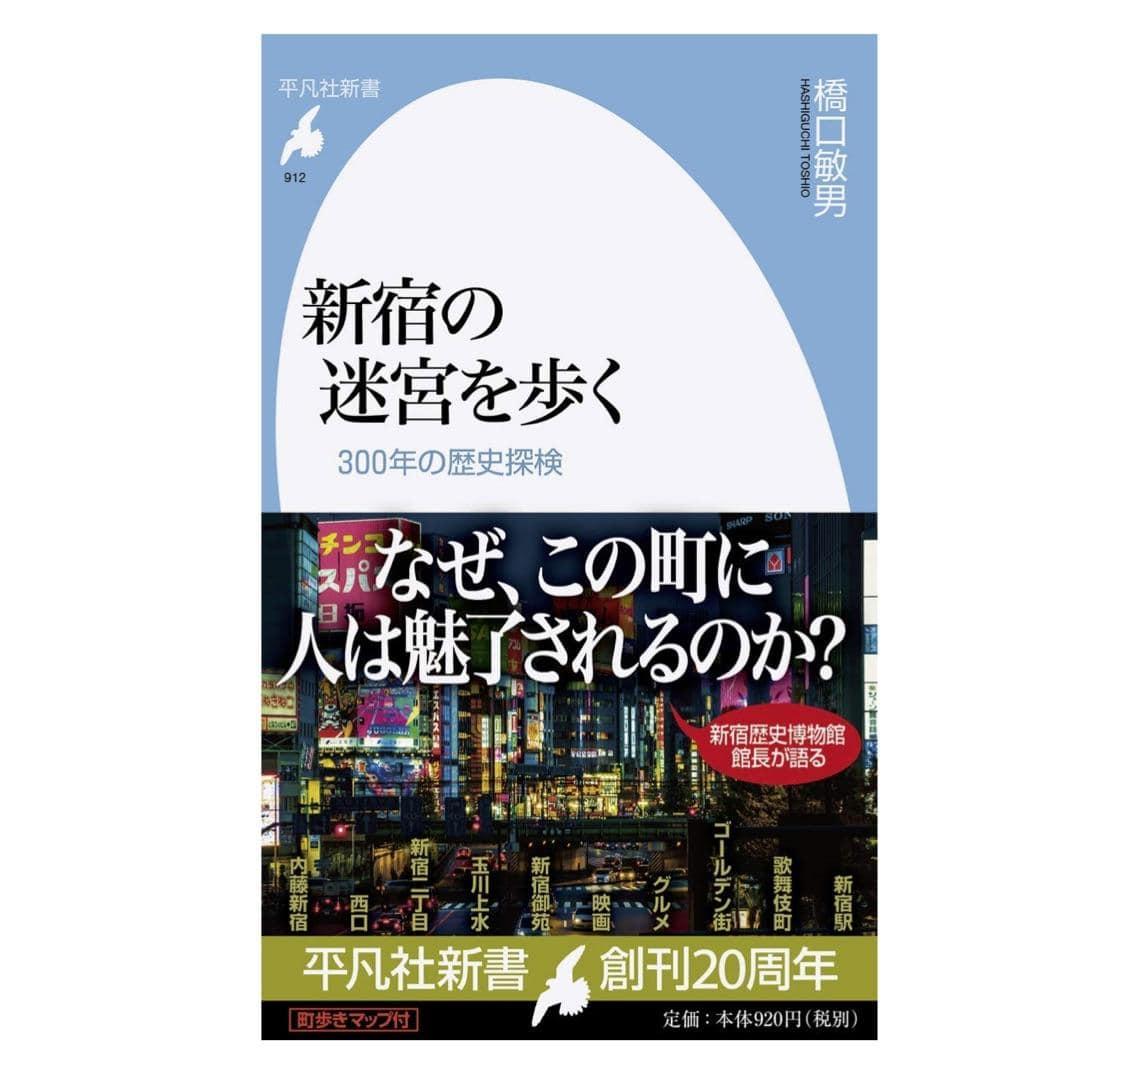 「新宿の迷宮を歩く 300年の歴史探検」の表紙